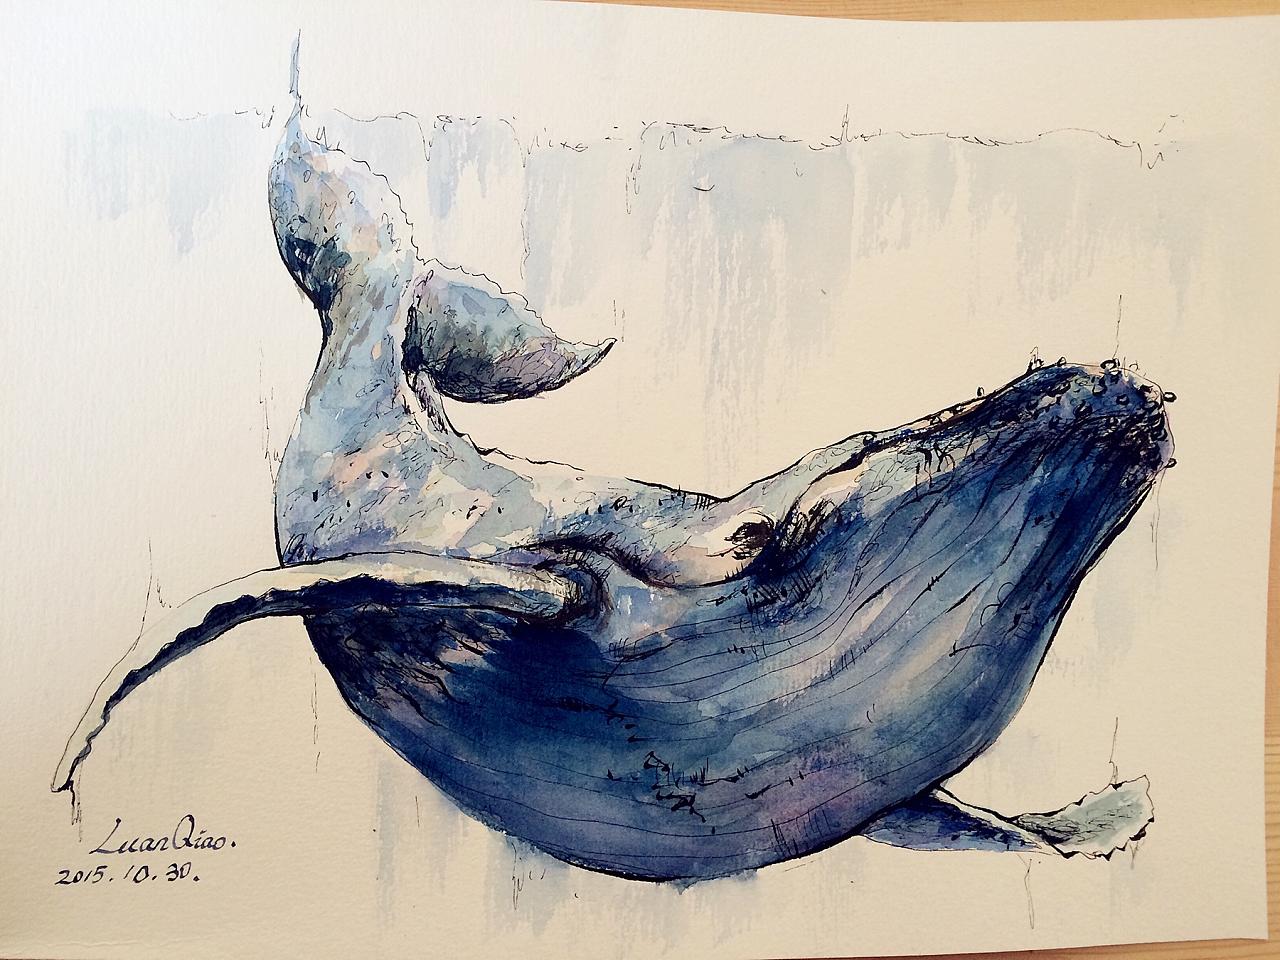 水彩手绘系列